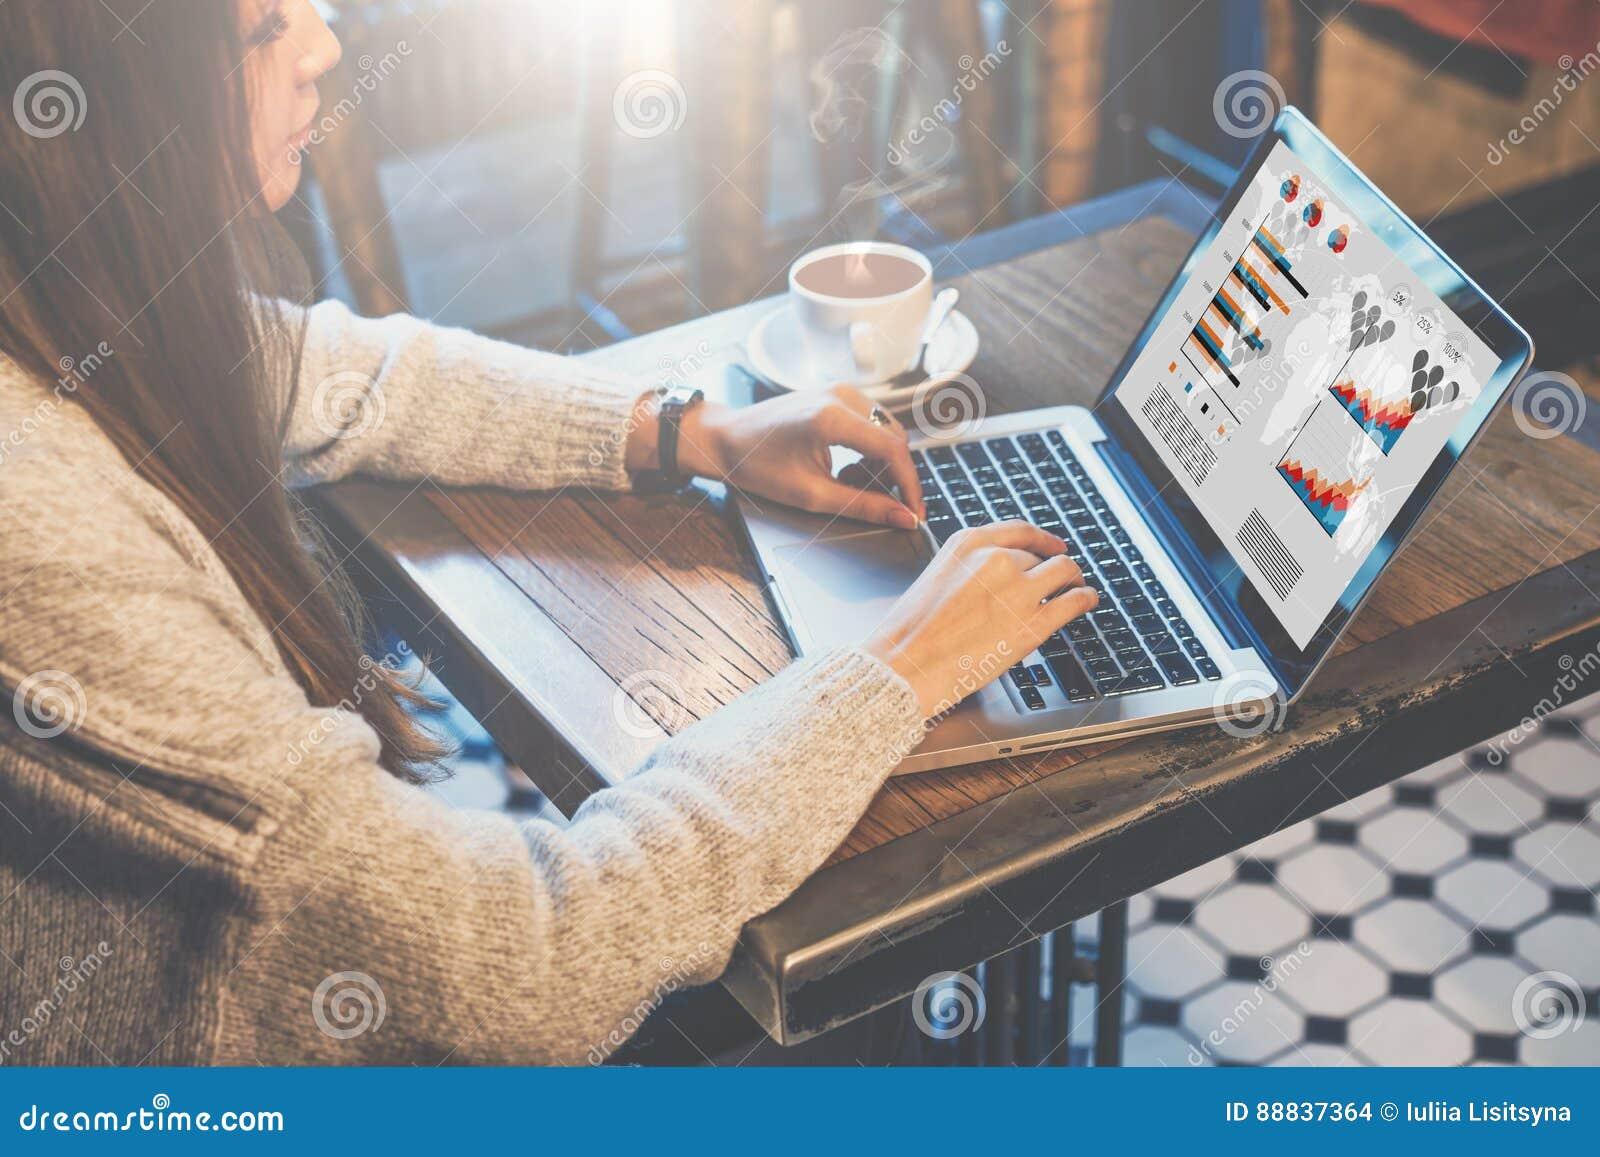 图表和图在屏幕上 分析数据的妇女 在网上学会的学生 工作的自由职业者在家